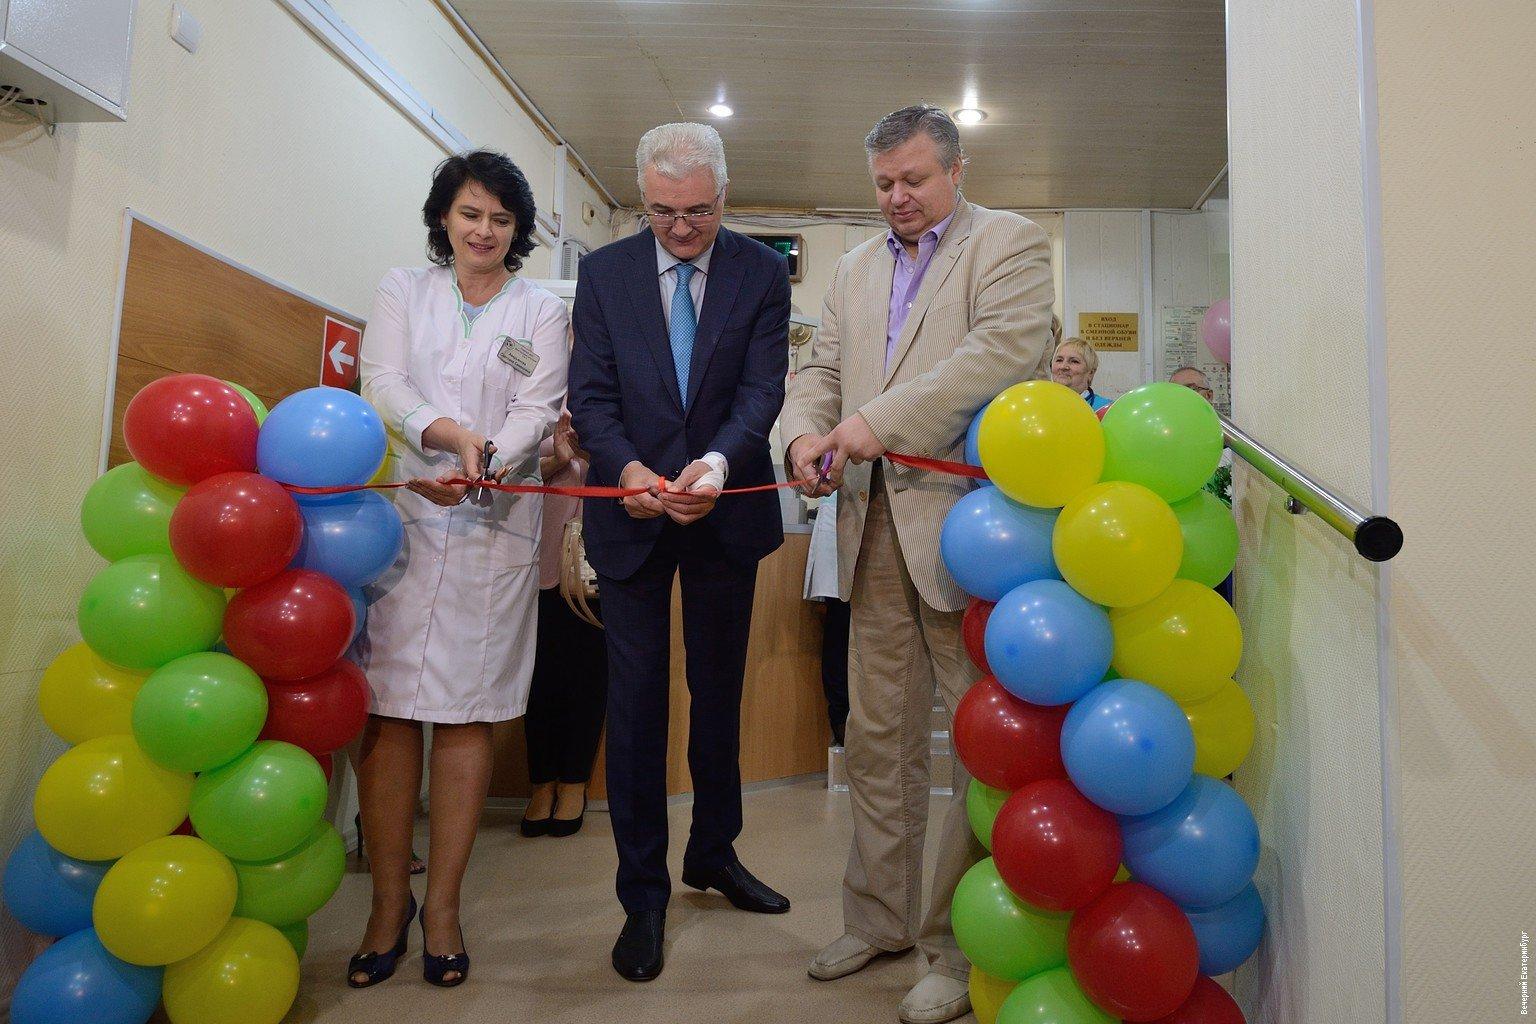 ВЕкатеринбурге открылся 1-ый детский травмпункт